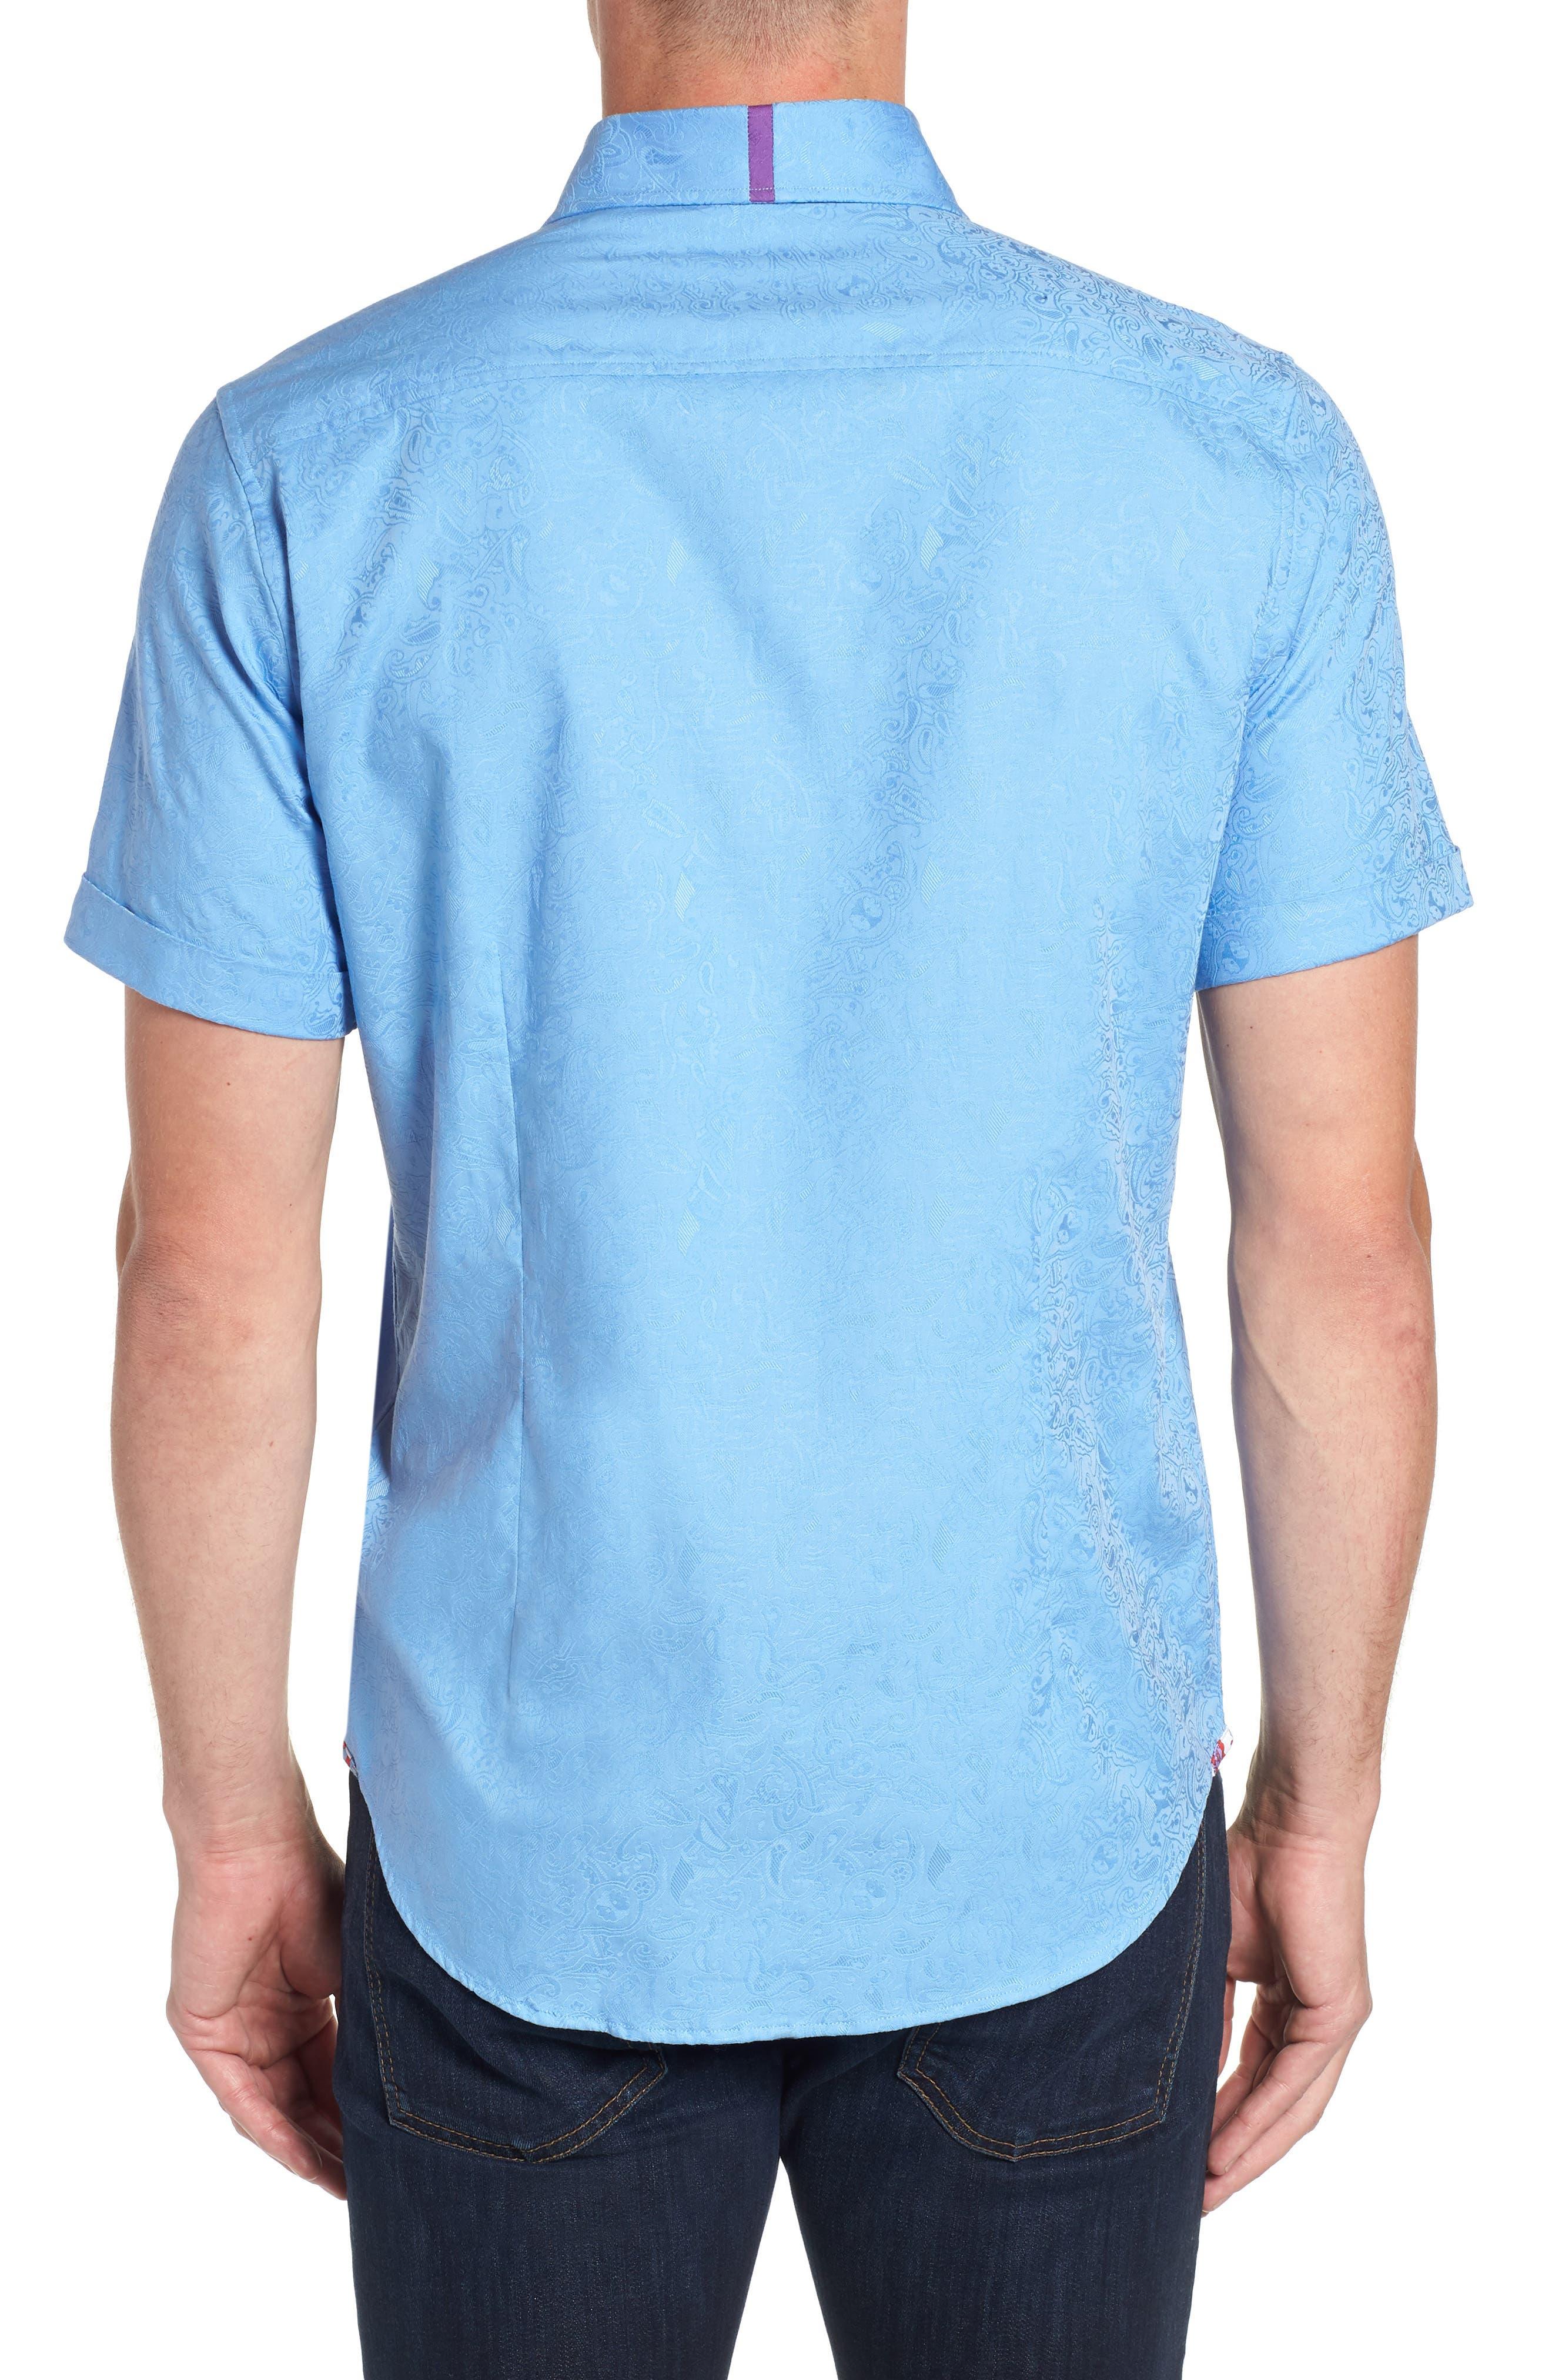 Abbott Sport Shirt,                             Alternate thumbnail 3, color,                             Blue